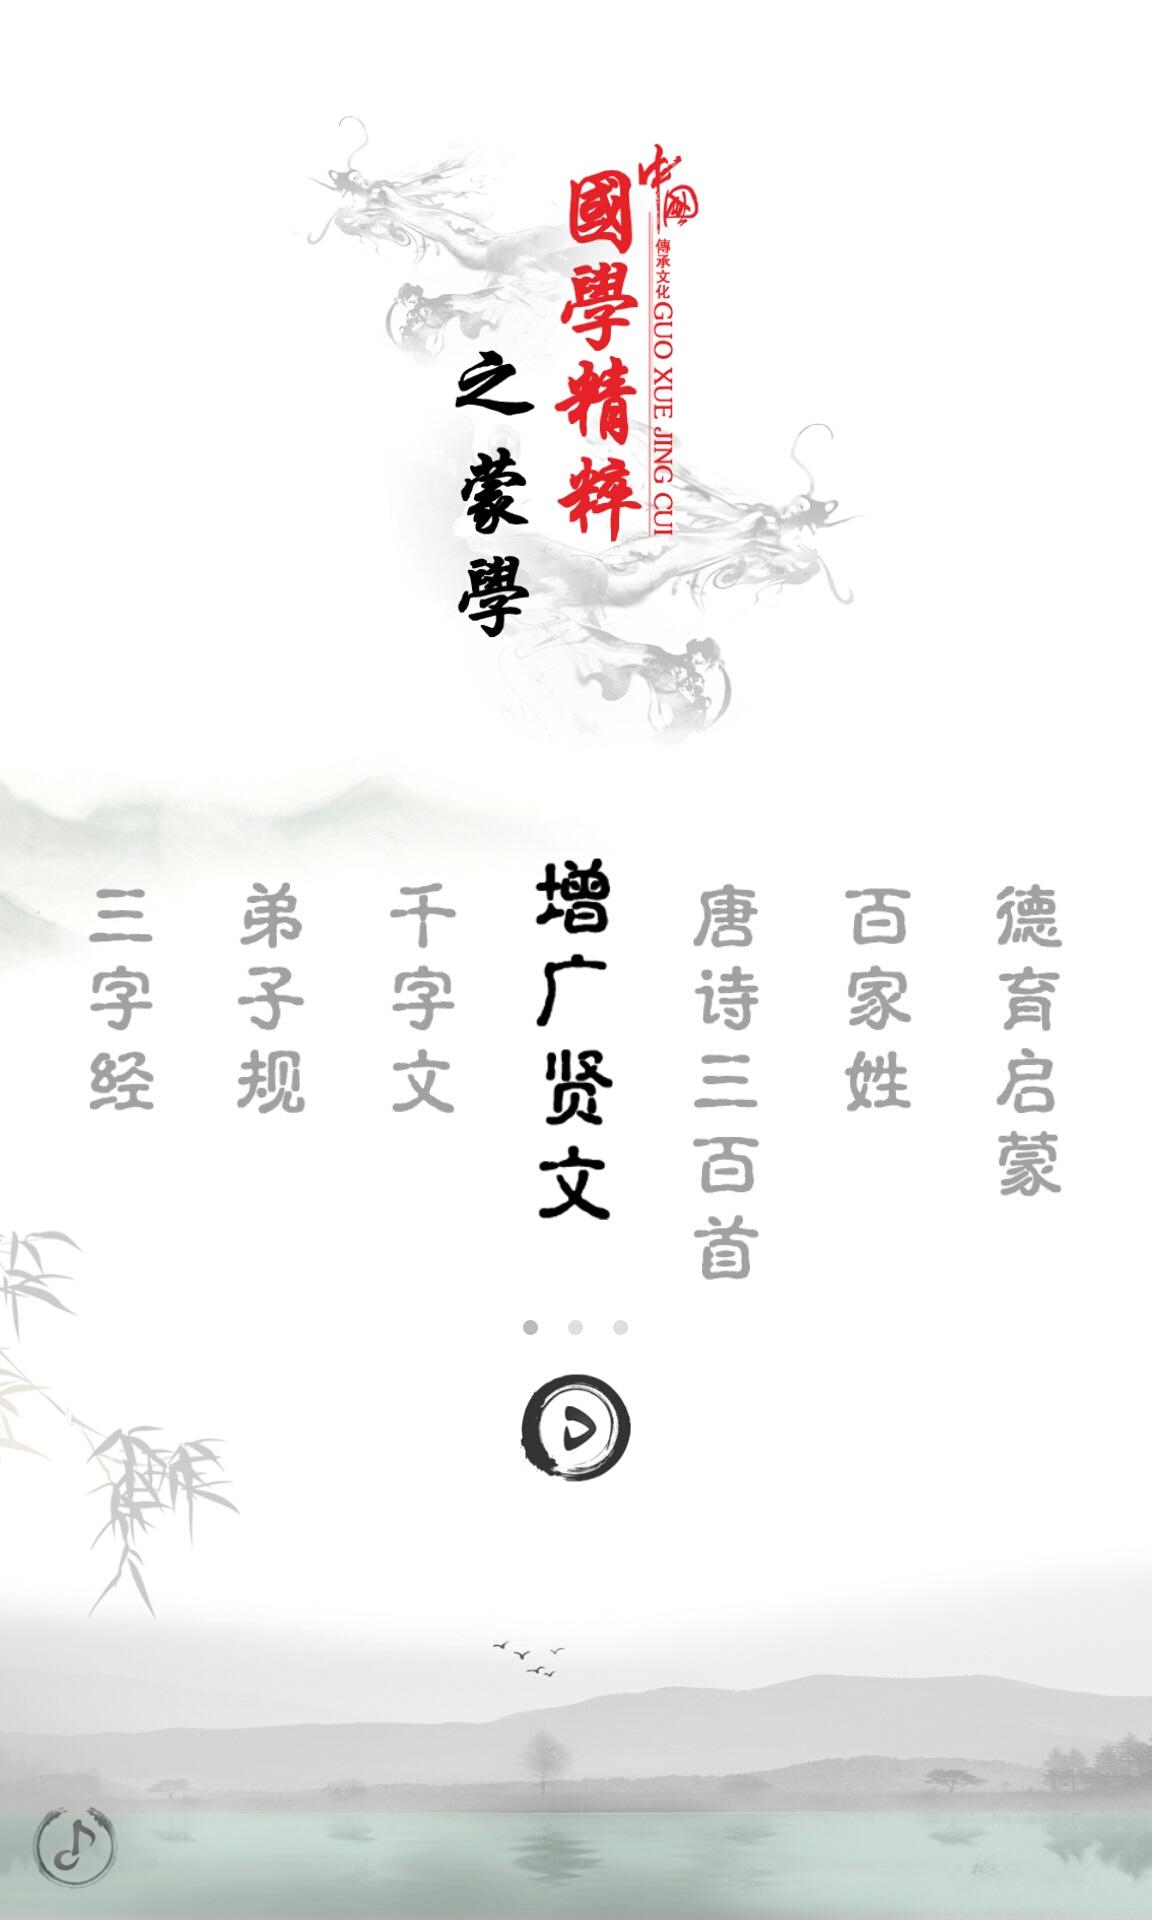 增广贤文图文有声国学 V2.1 安卓版截图3